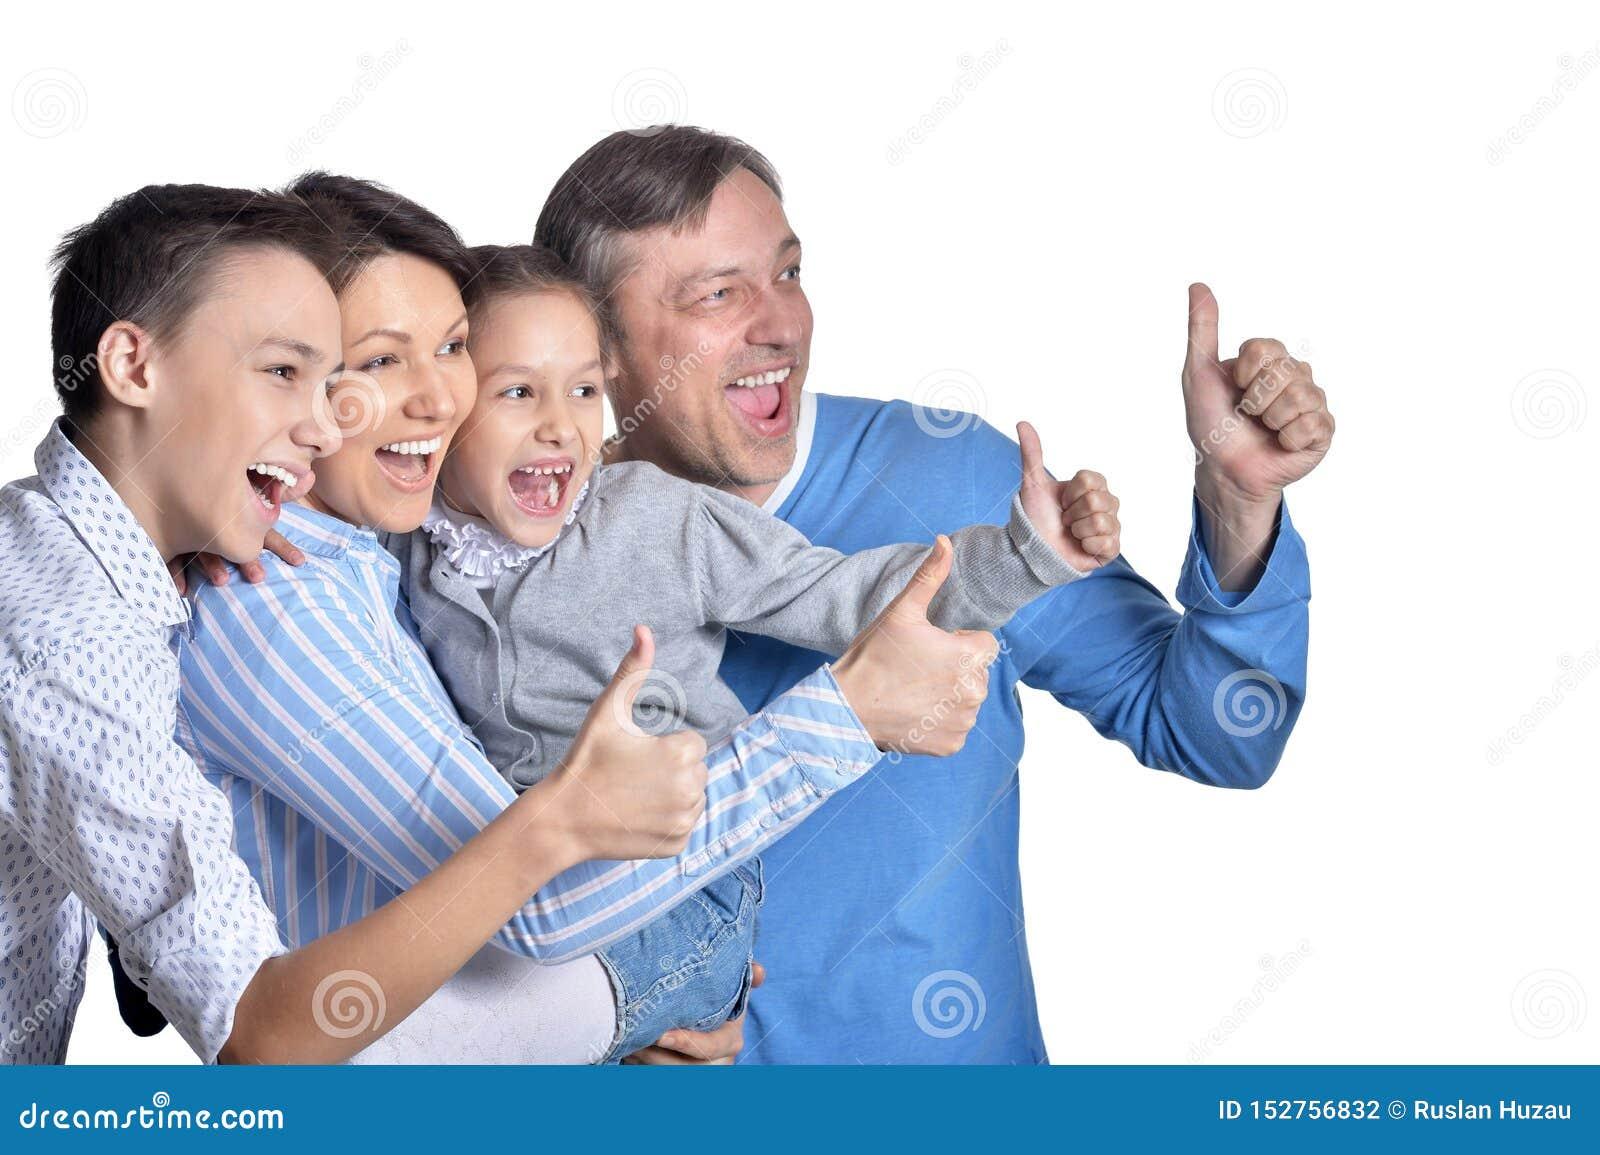 Портрет счастливой усмехаясь семьи показывая большие пальцы руки вверх